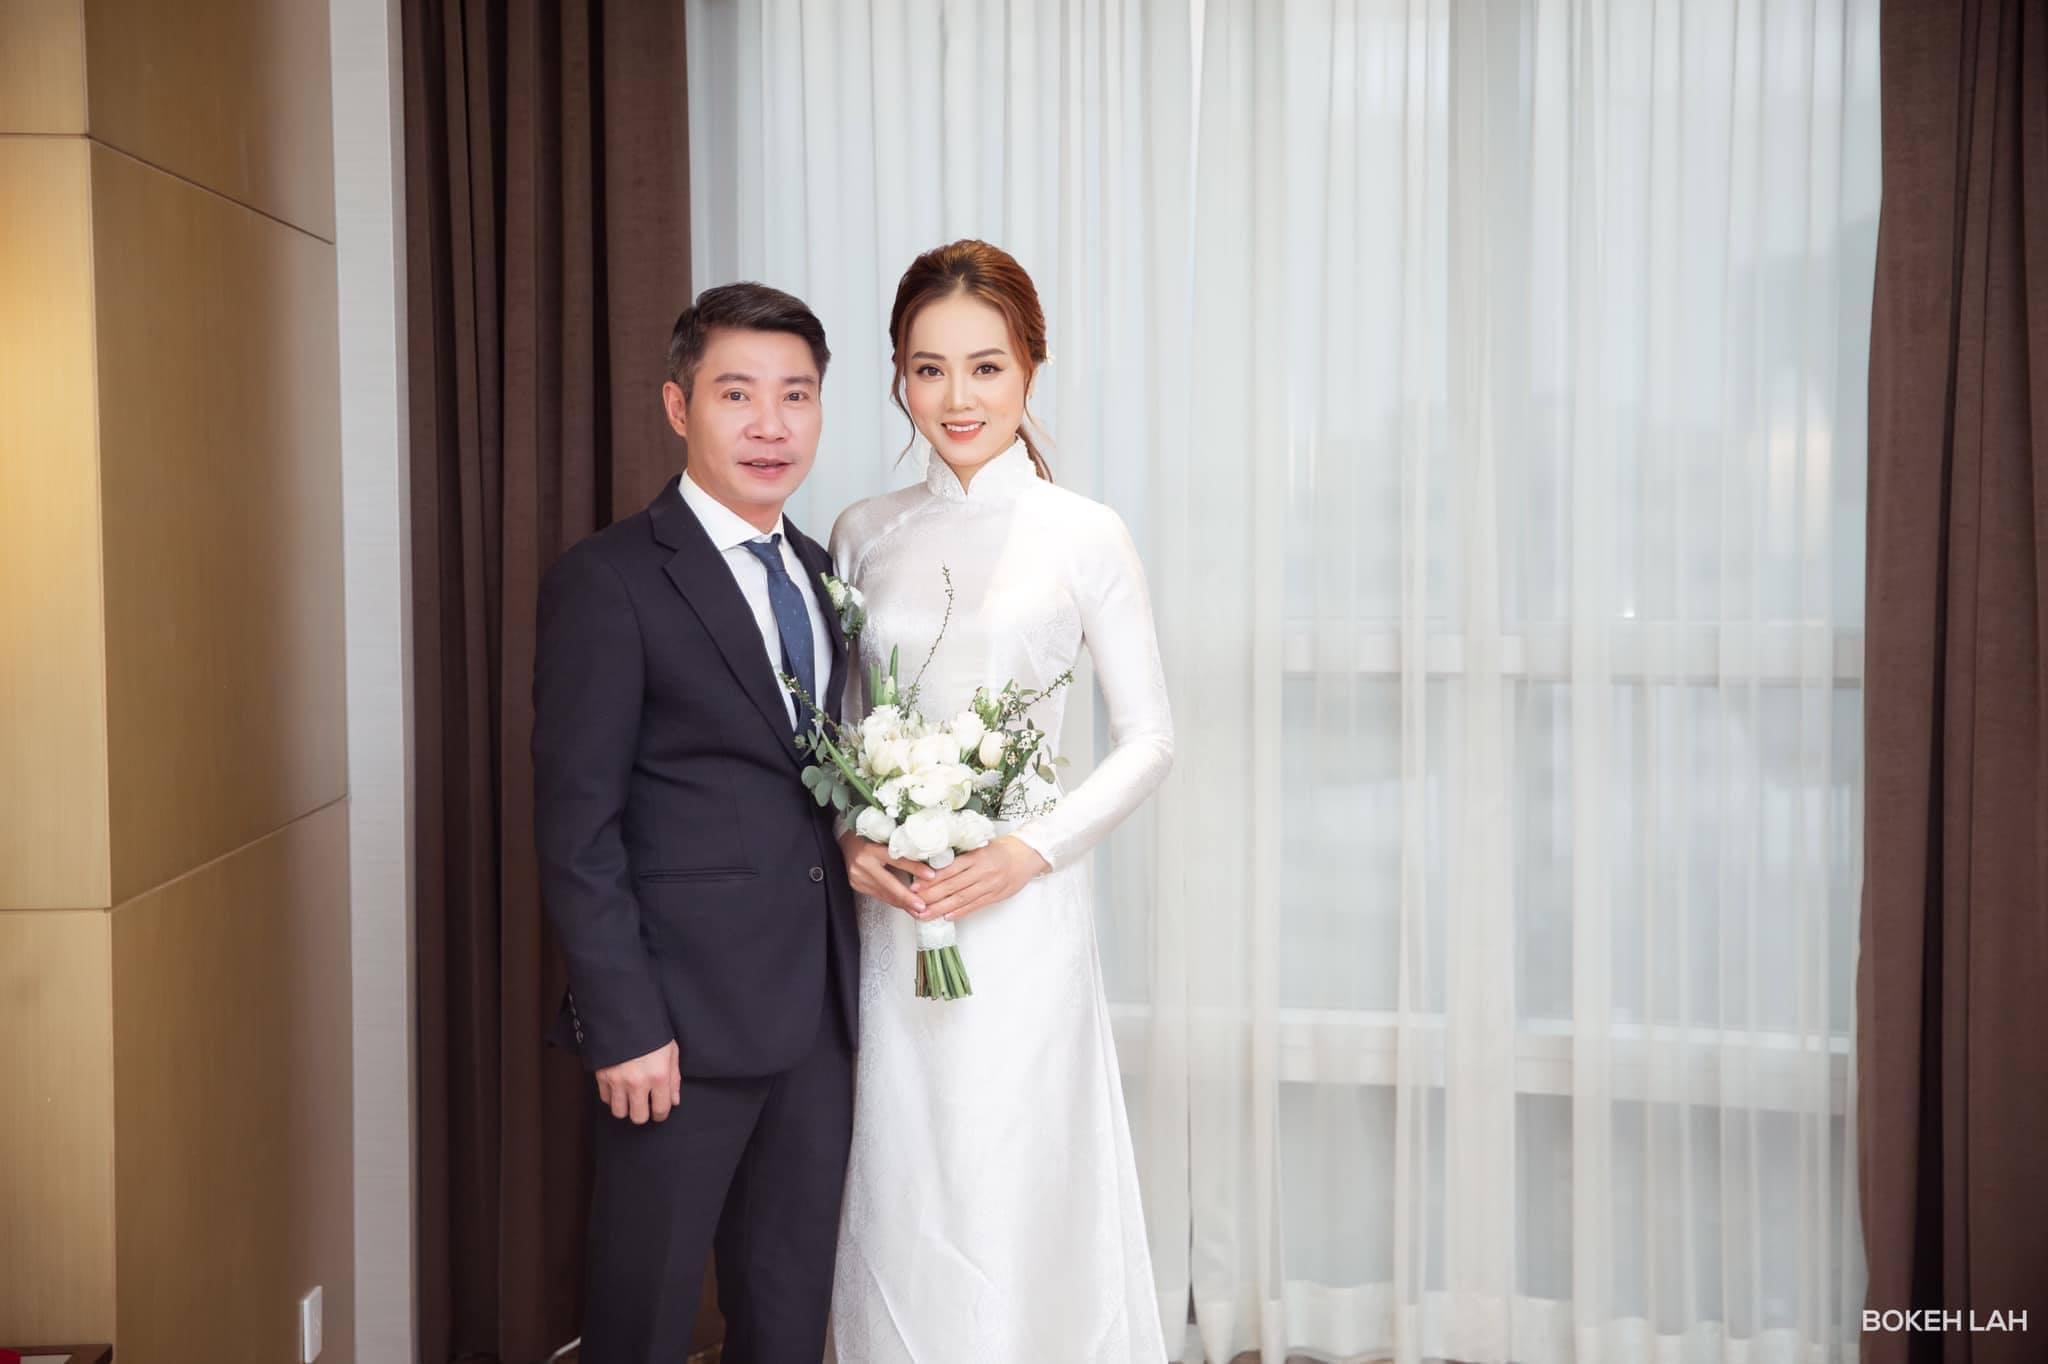 Ngọc Hà chia sẻ cảm xúc sau đám cưới với NSND Công Lý